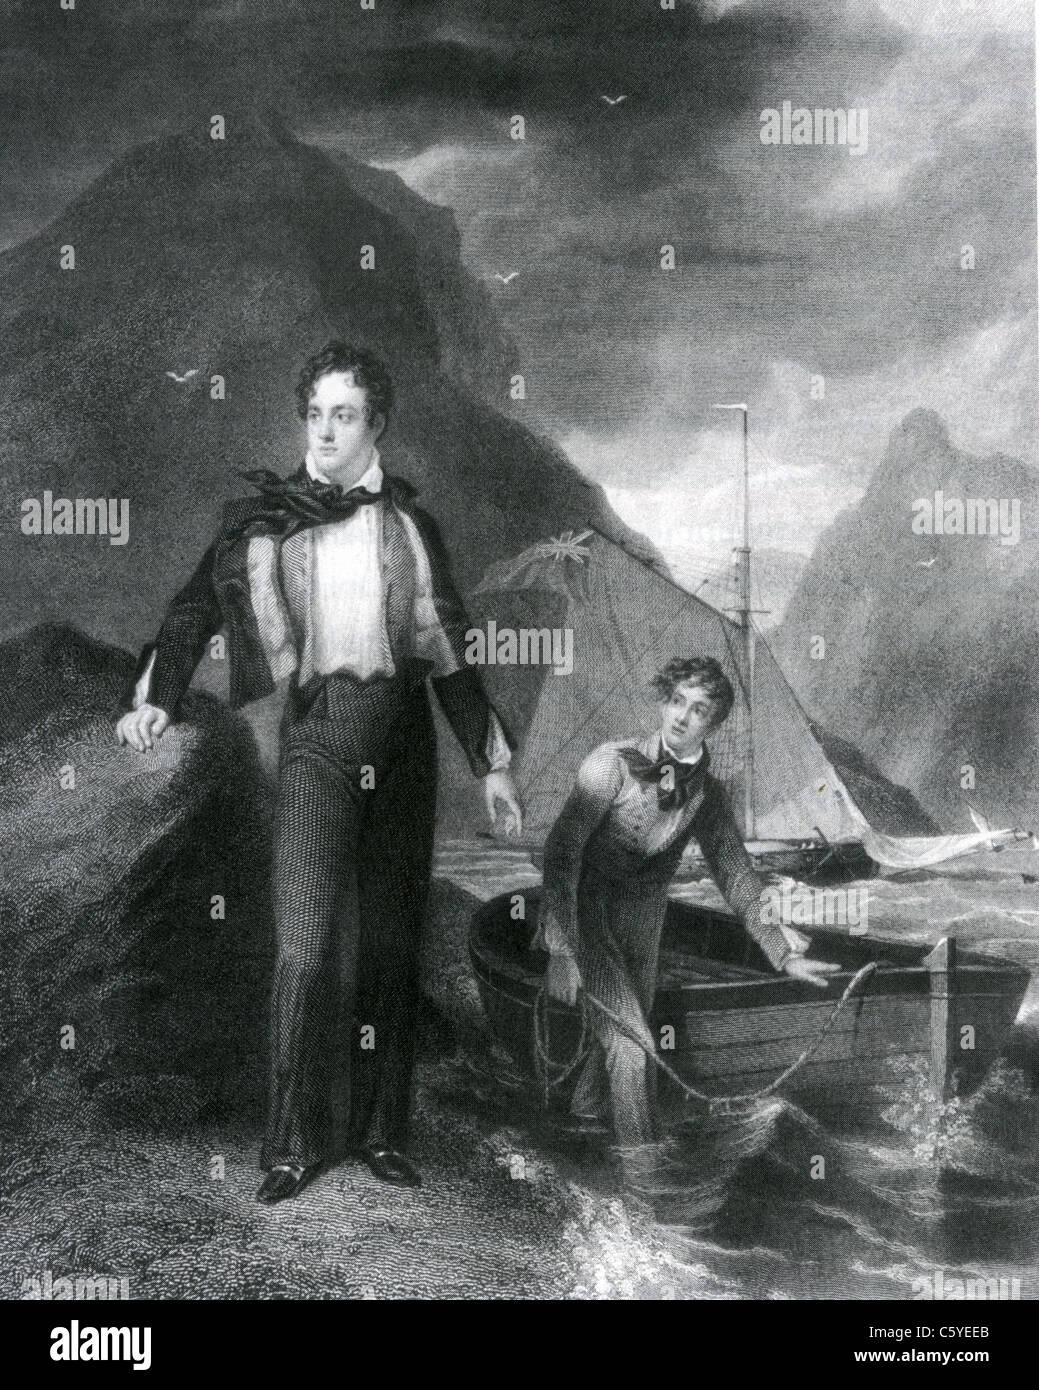 LORD BYRON (1788-1824) englischen romantischen Dichter wie William Finden in den 1830 Gravur zeigt Stockbild